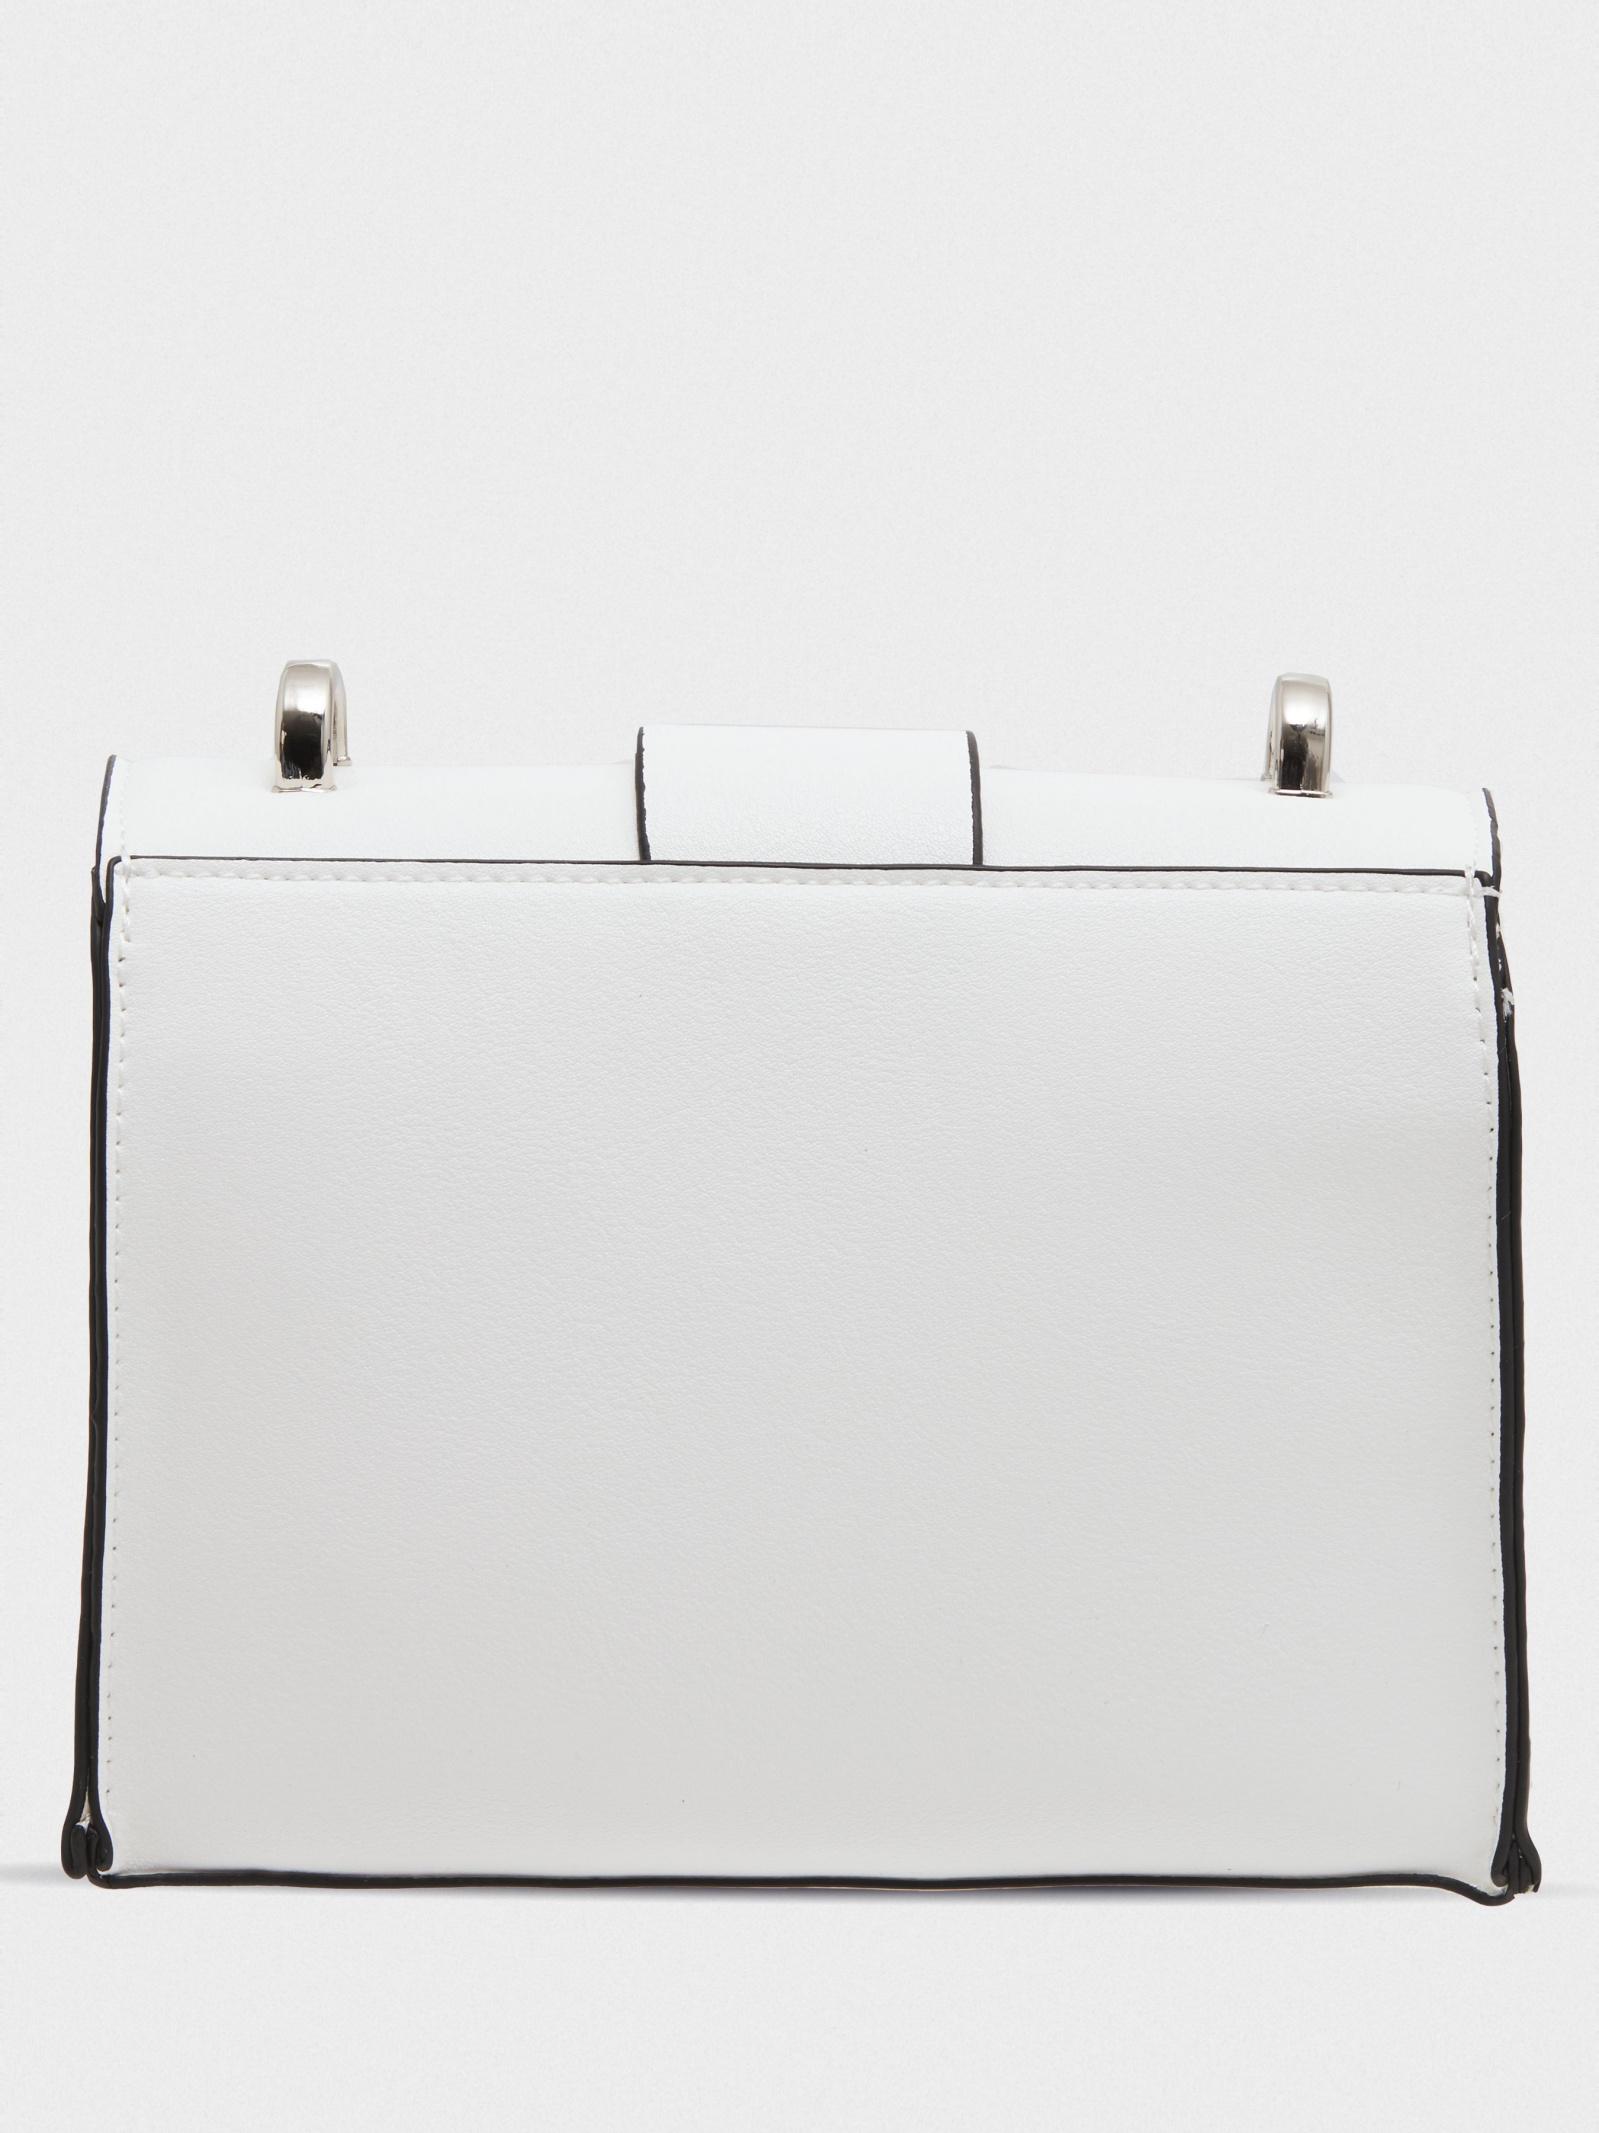 Marco Tozzi Сумка  модель 61017-24-100 white ціна, 2017